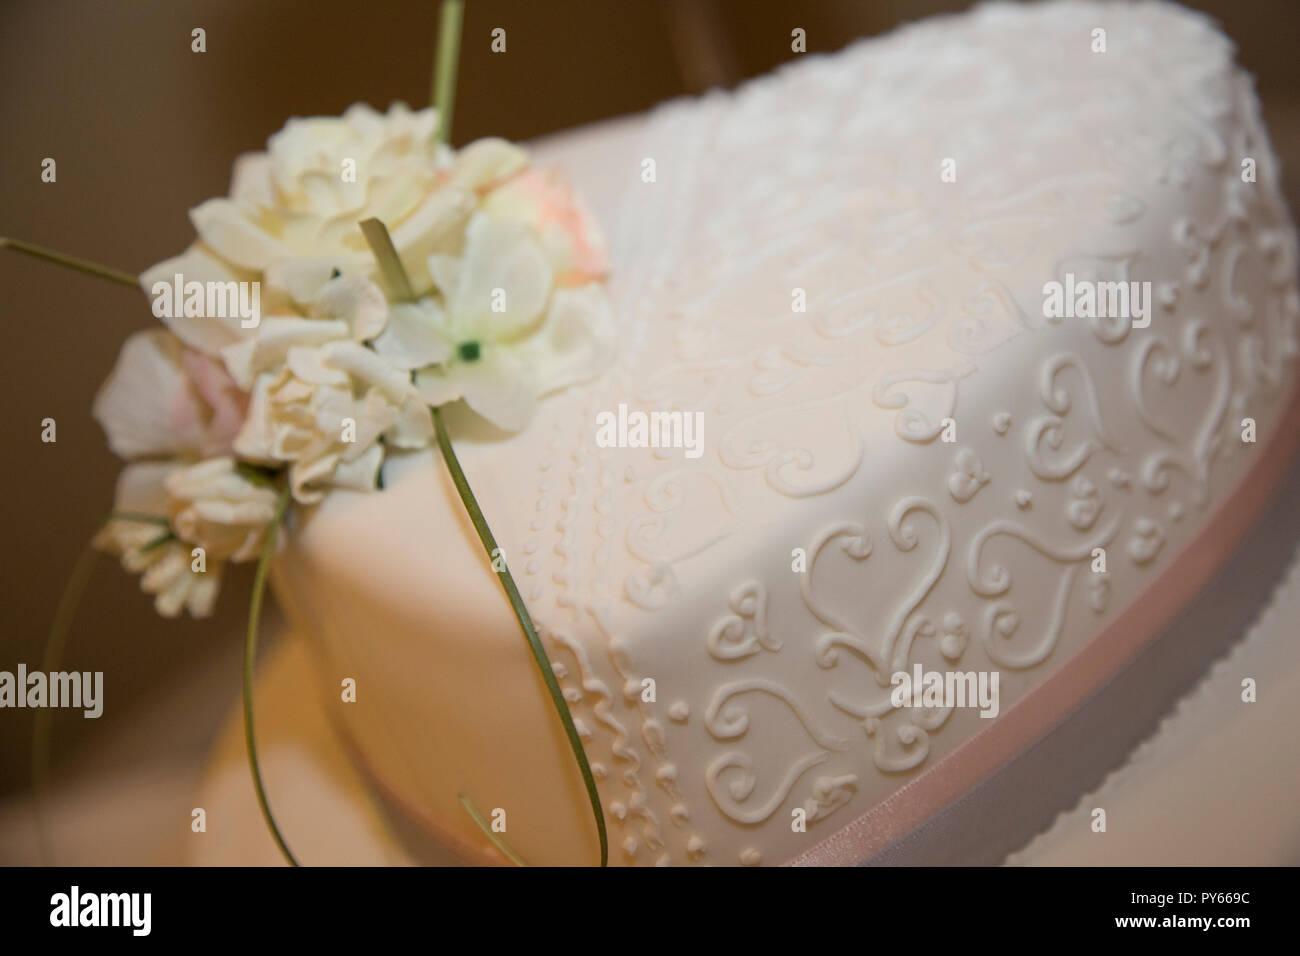 Hochzeitstorte Weiss Iced Mit Blumen Dekorieren Es Bereit Auf Einer